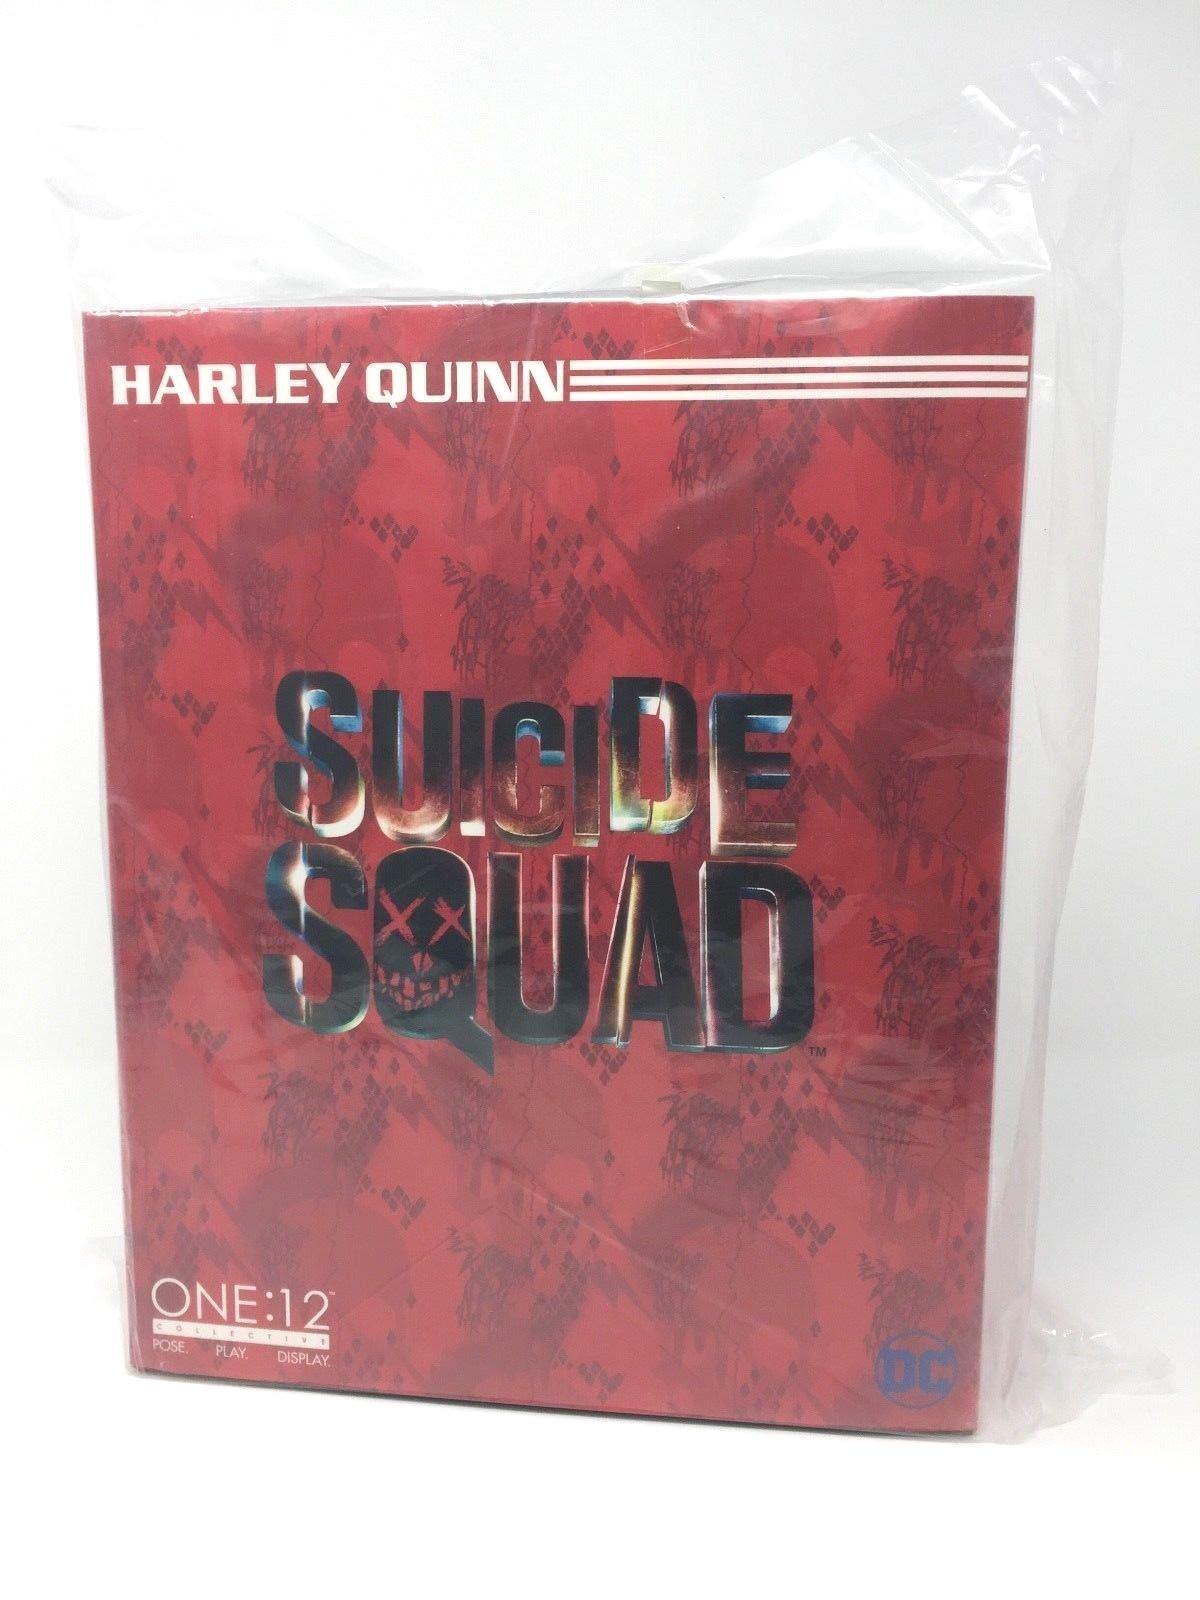 para mayoristas Harley Quinn ONE:12 ONE:12 ONE:12 suicidio escuadrón Harley Quinn Figura De Acción  80% de descuento